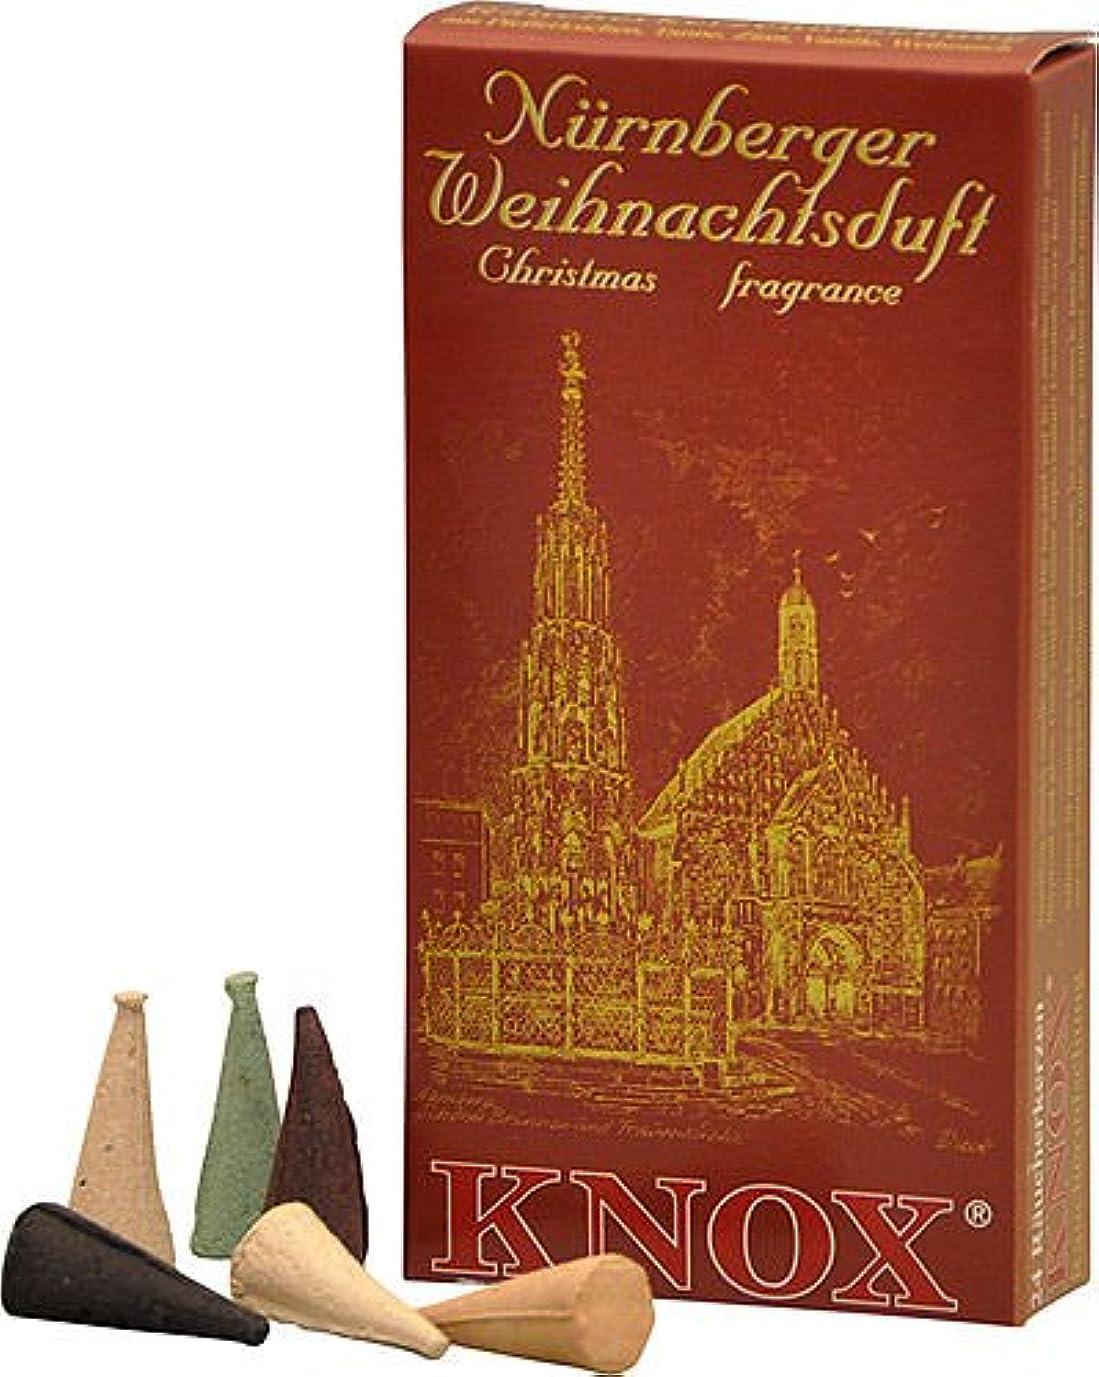 に対して枯渇する私たちのKnox NurembergドイツIncense Cones Variety Pack Made GermanyクリスマスSmokers